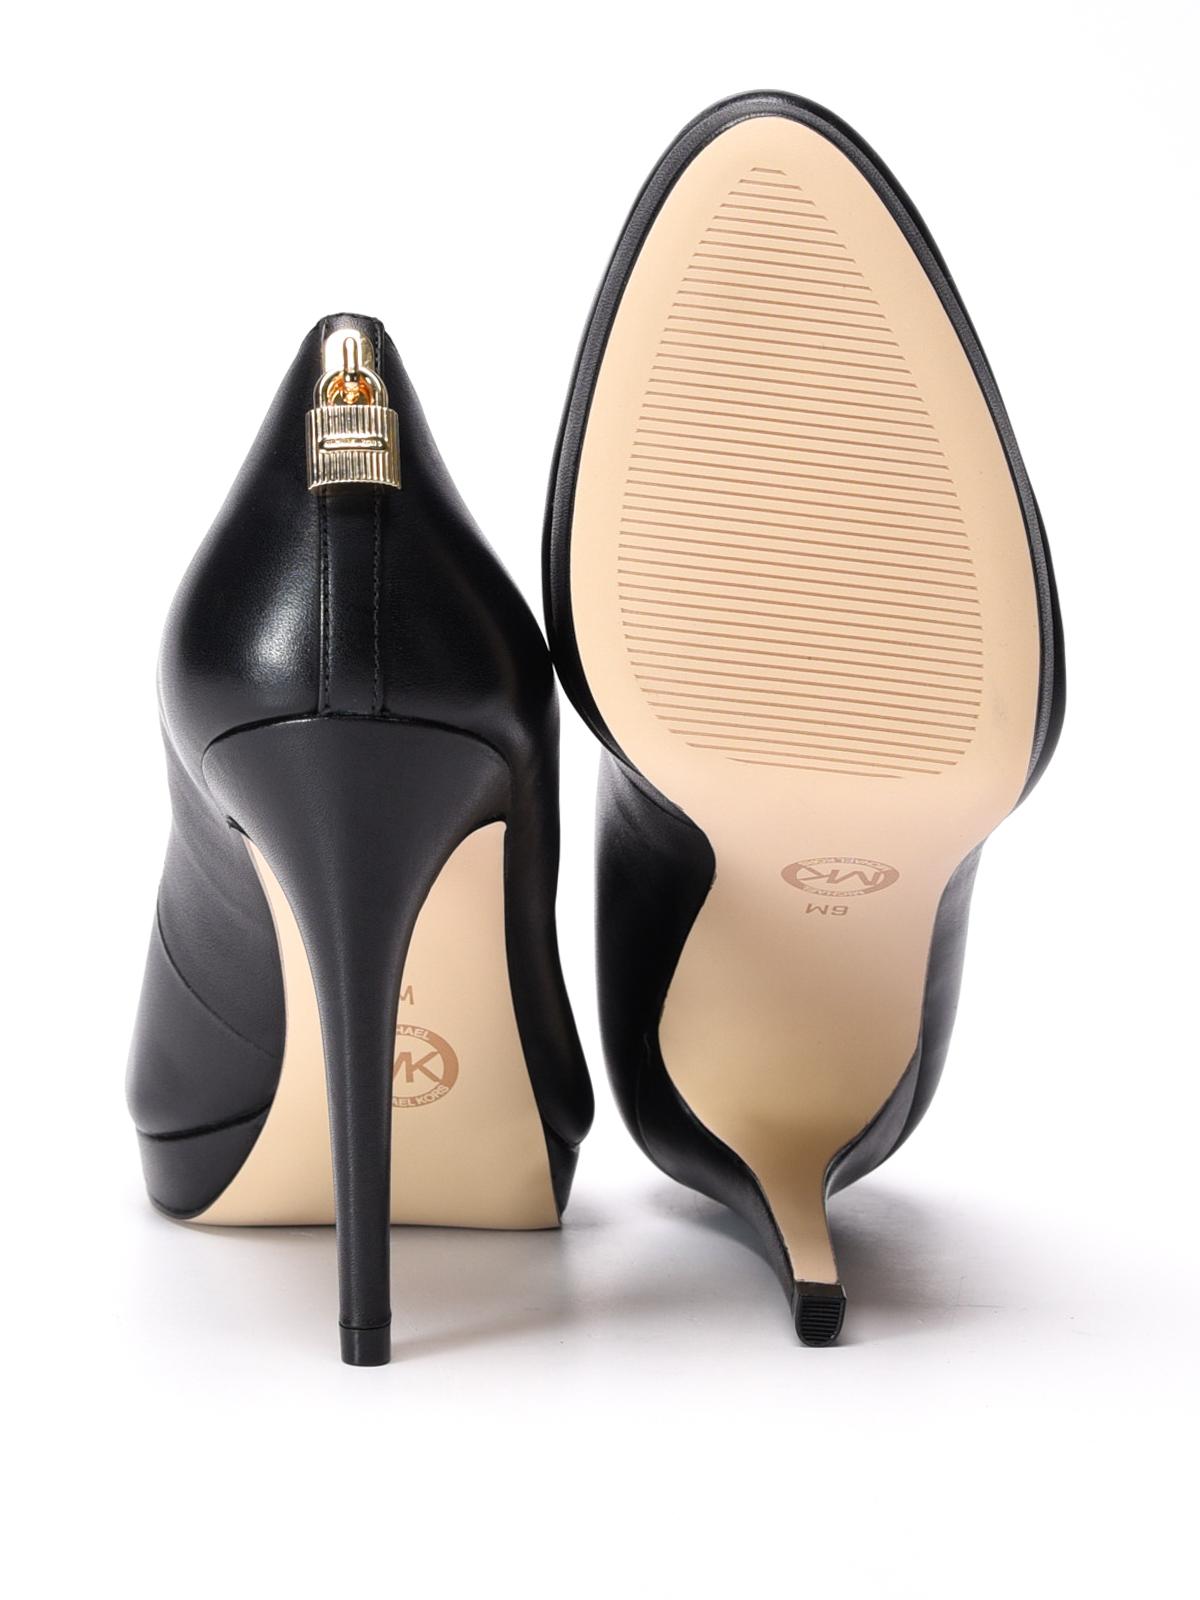 8731e6dadef Michael Kors - Antoinette leather platform pumps - court shoes ...